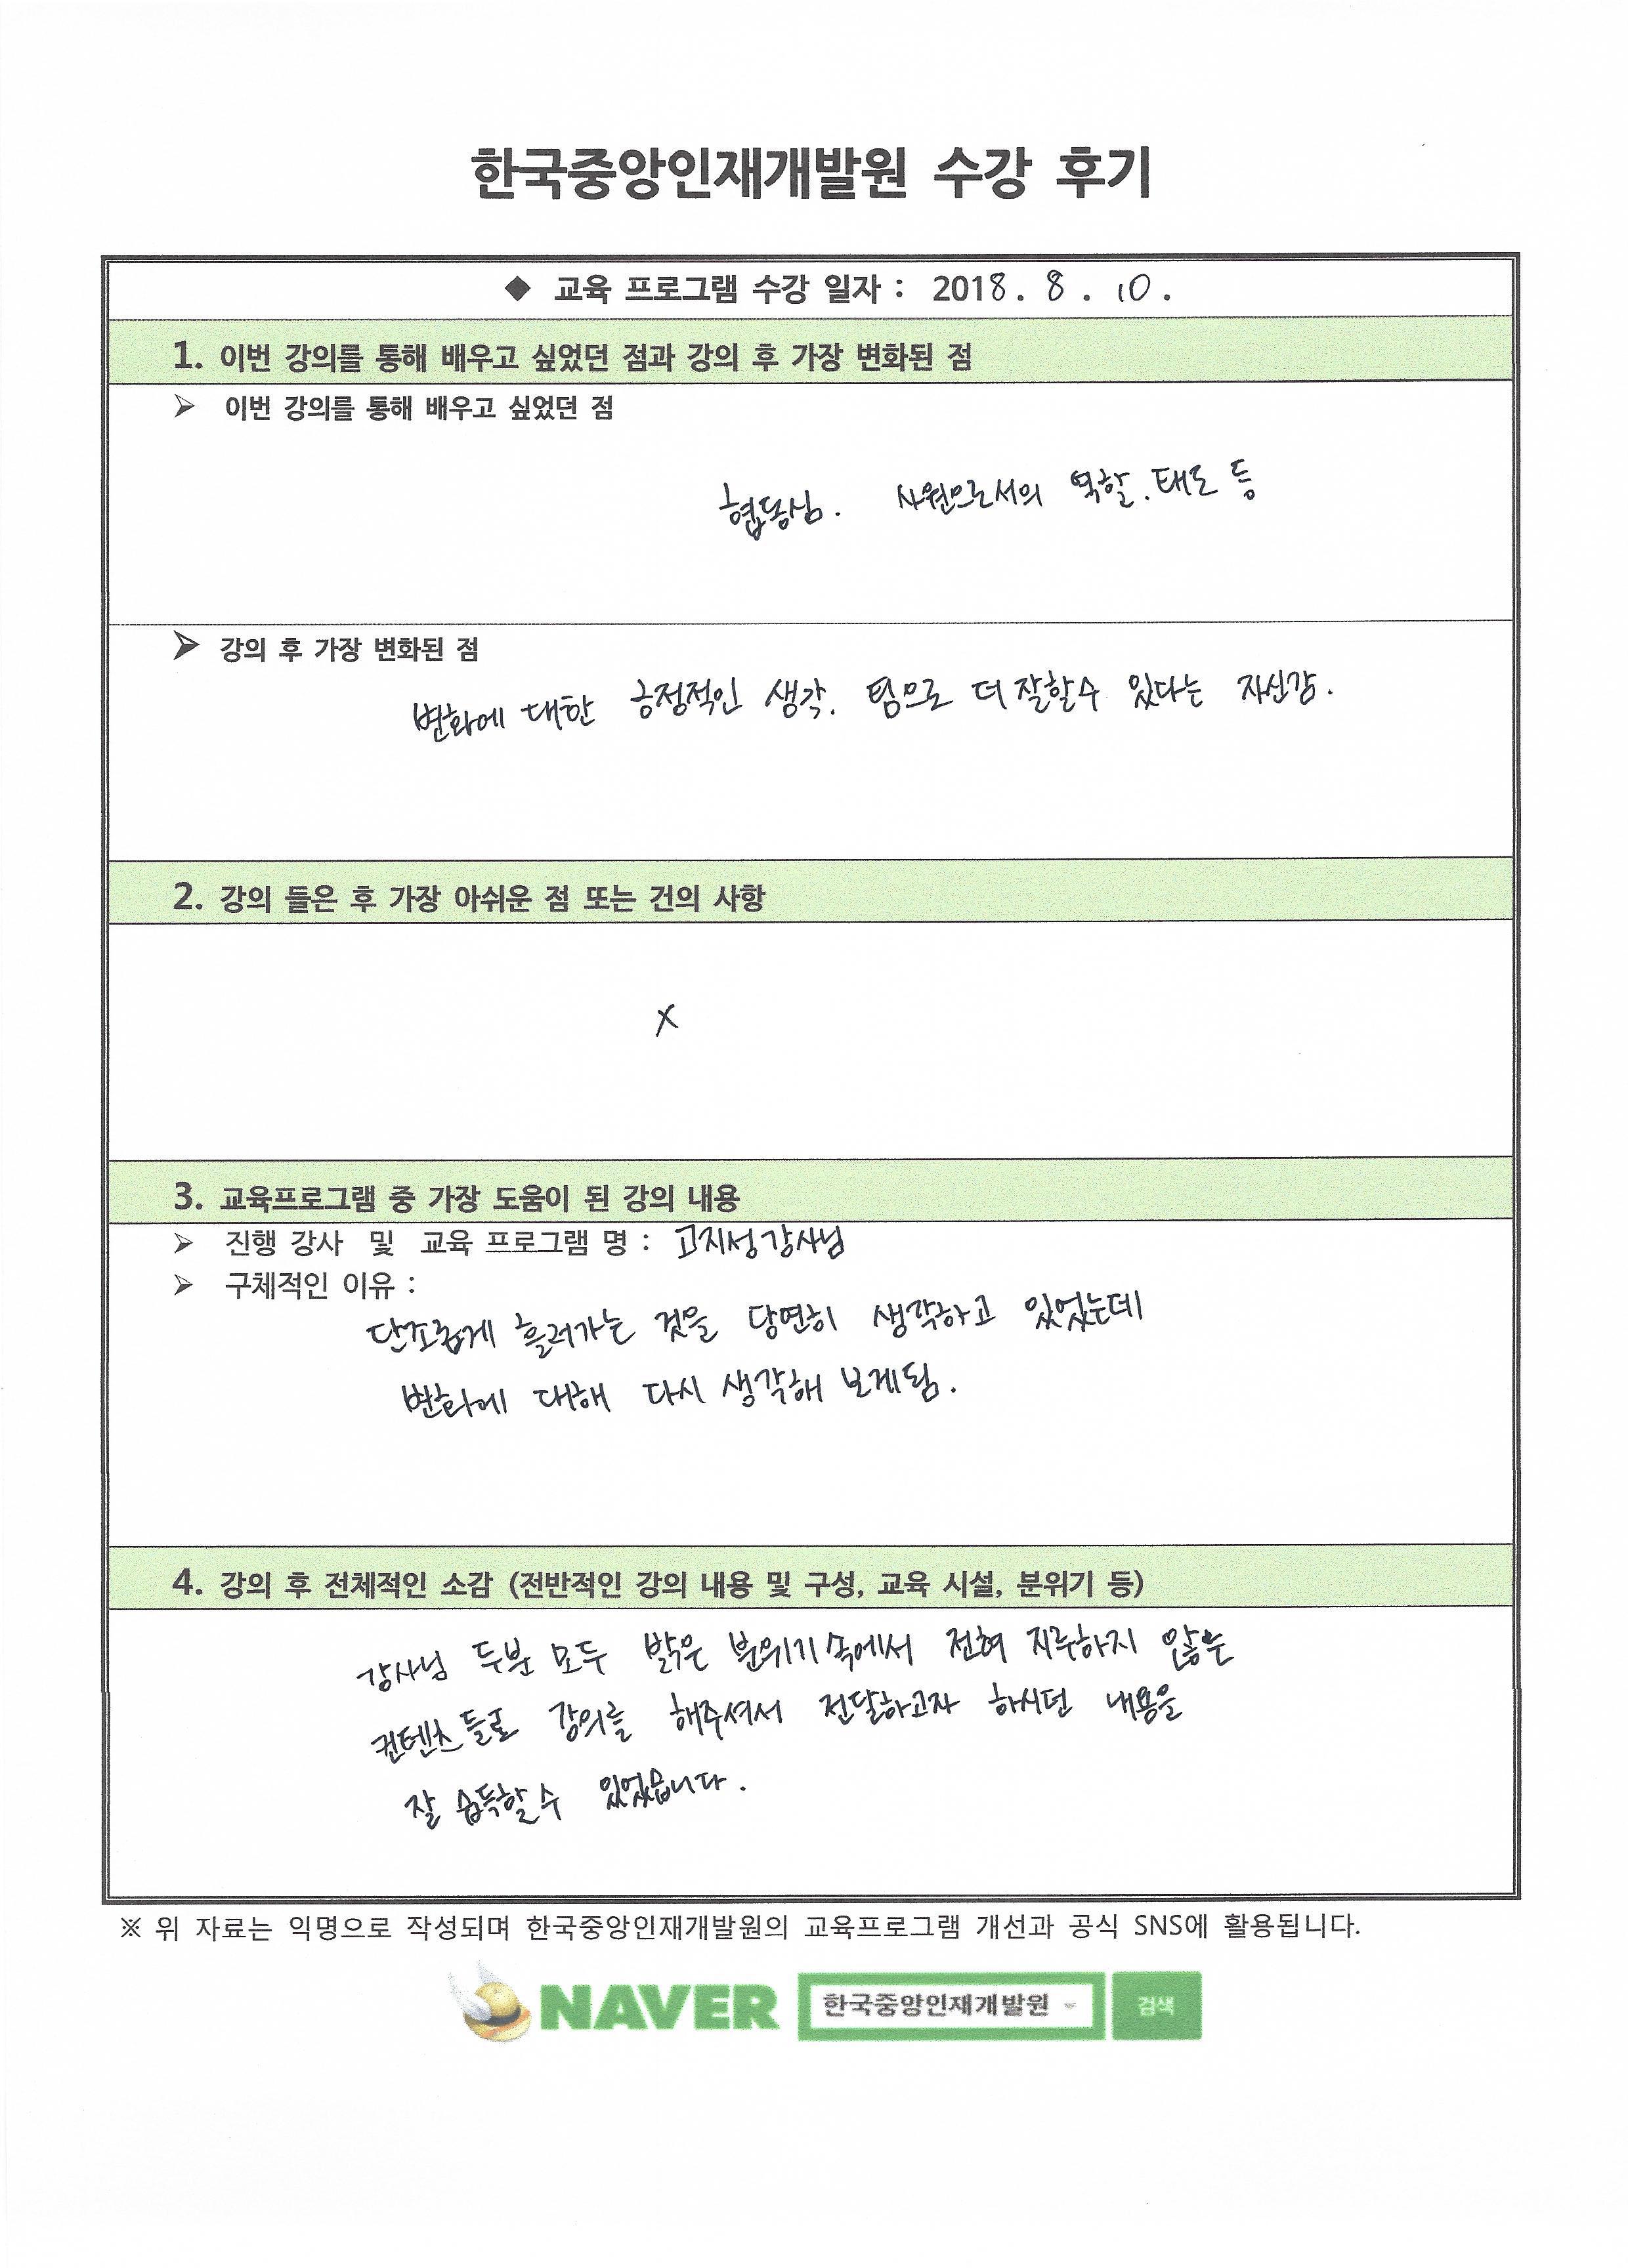 scan0016-2 사본.JPG